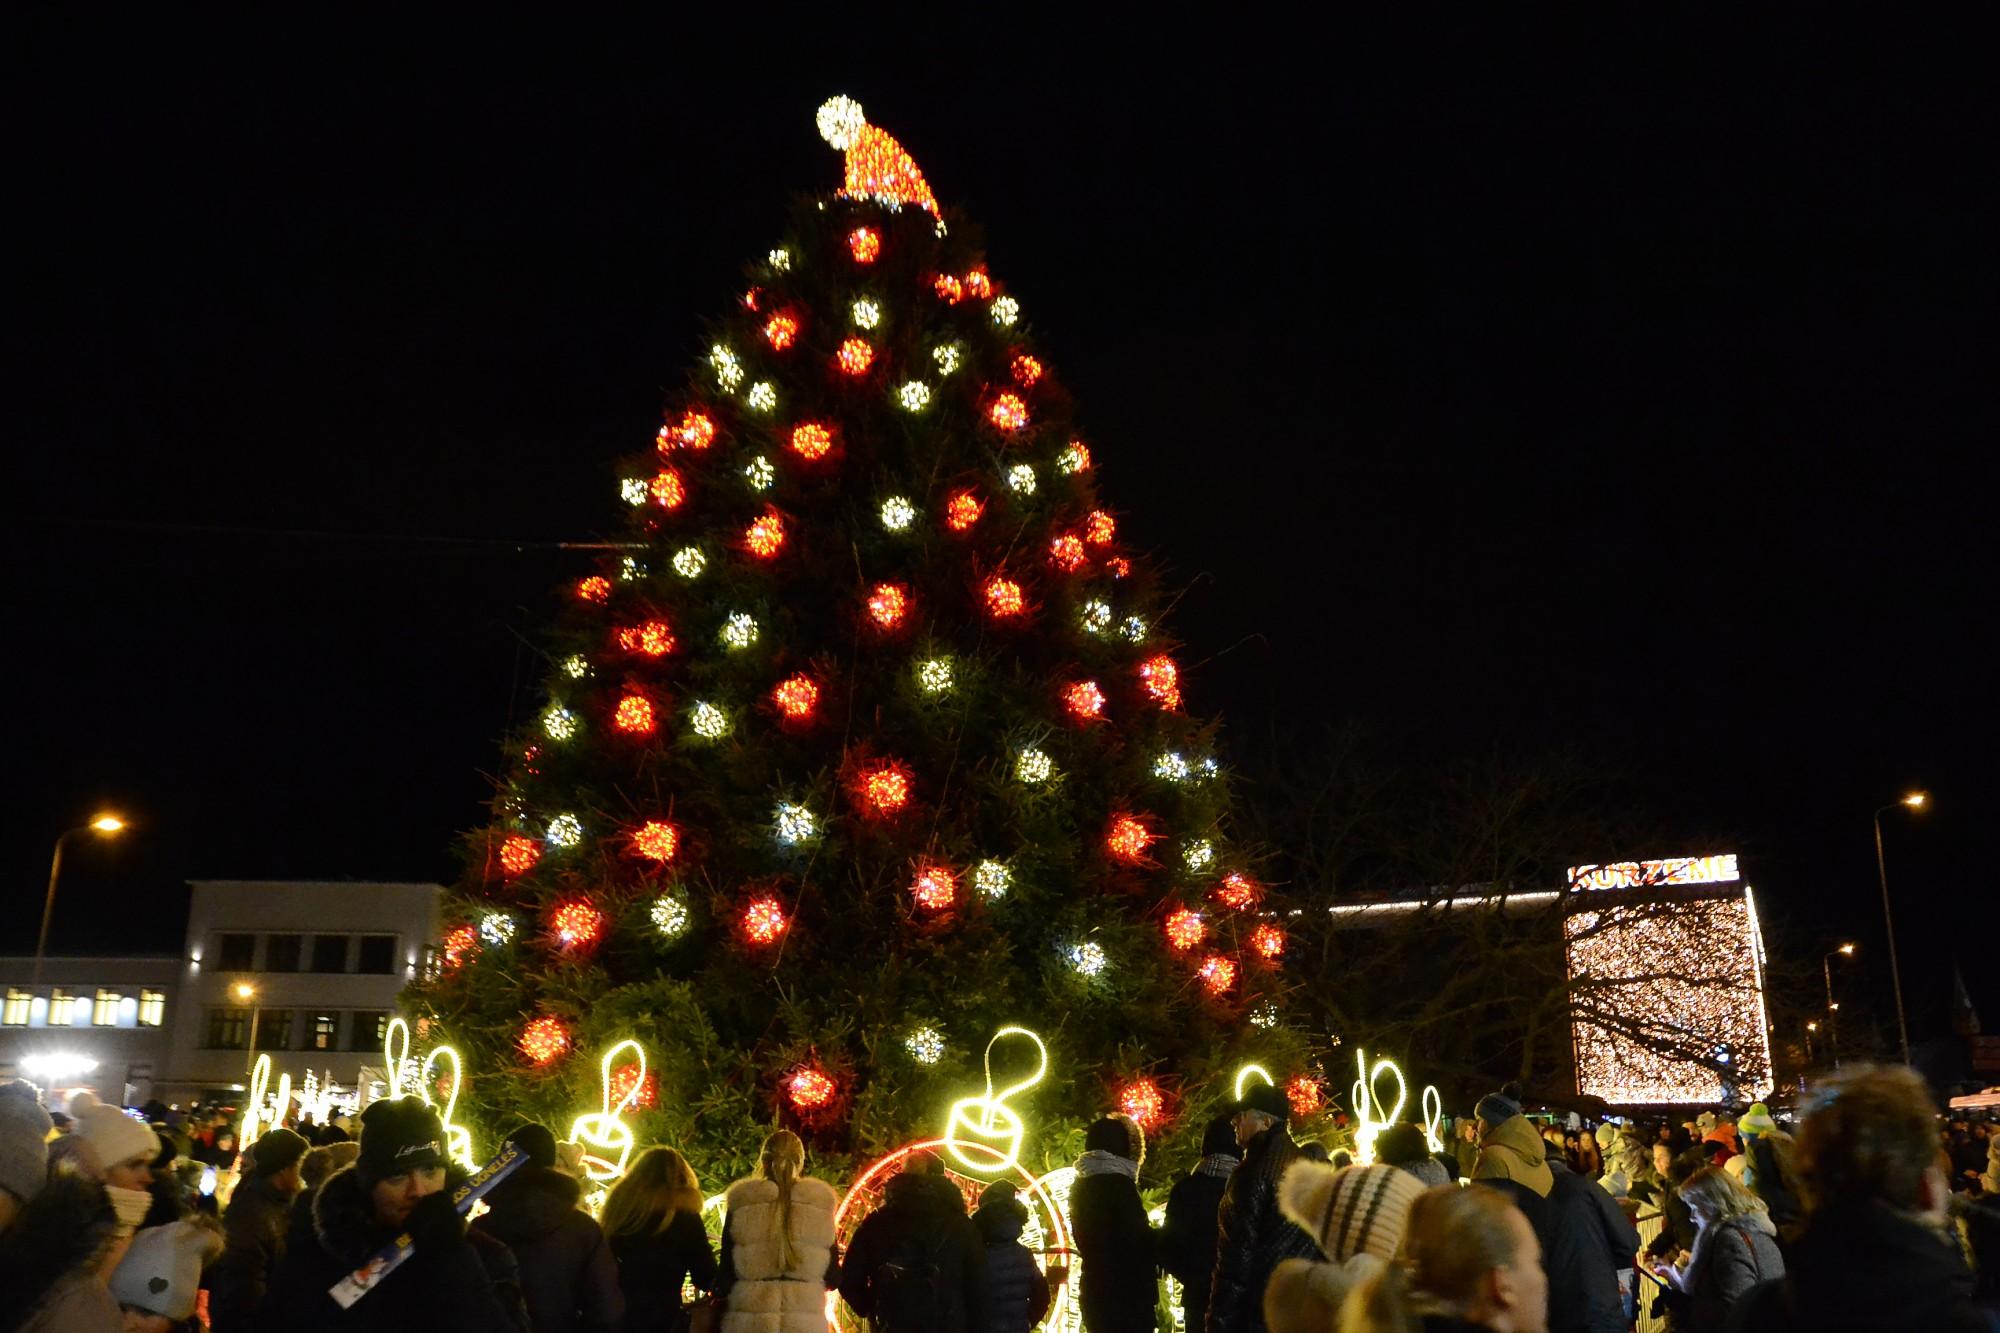 Svētki Apburtās pils galmā. Iemirdzējās pilsētas Ziemassvētku egle